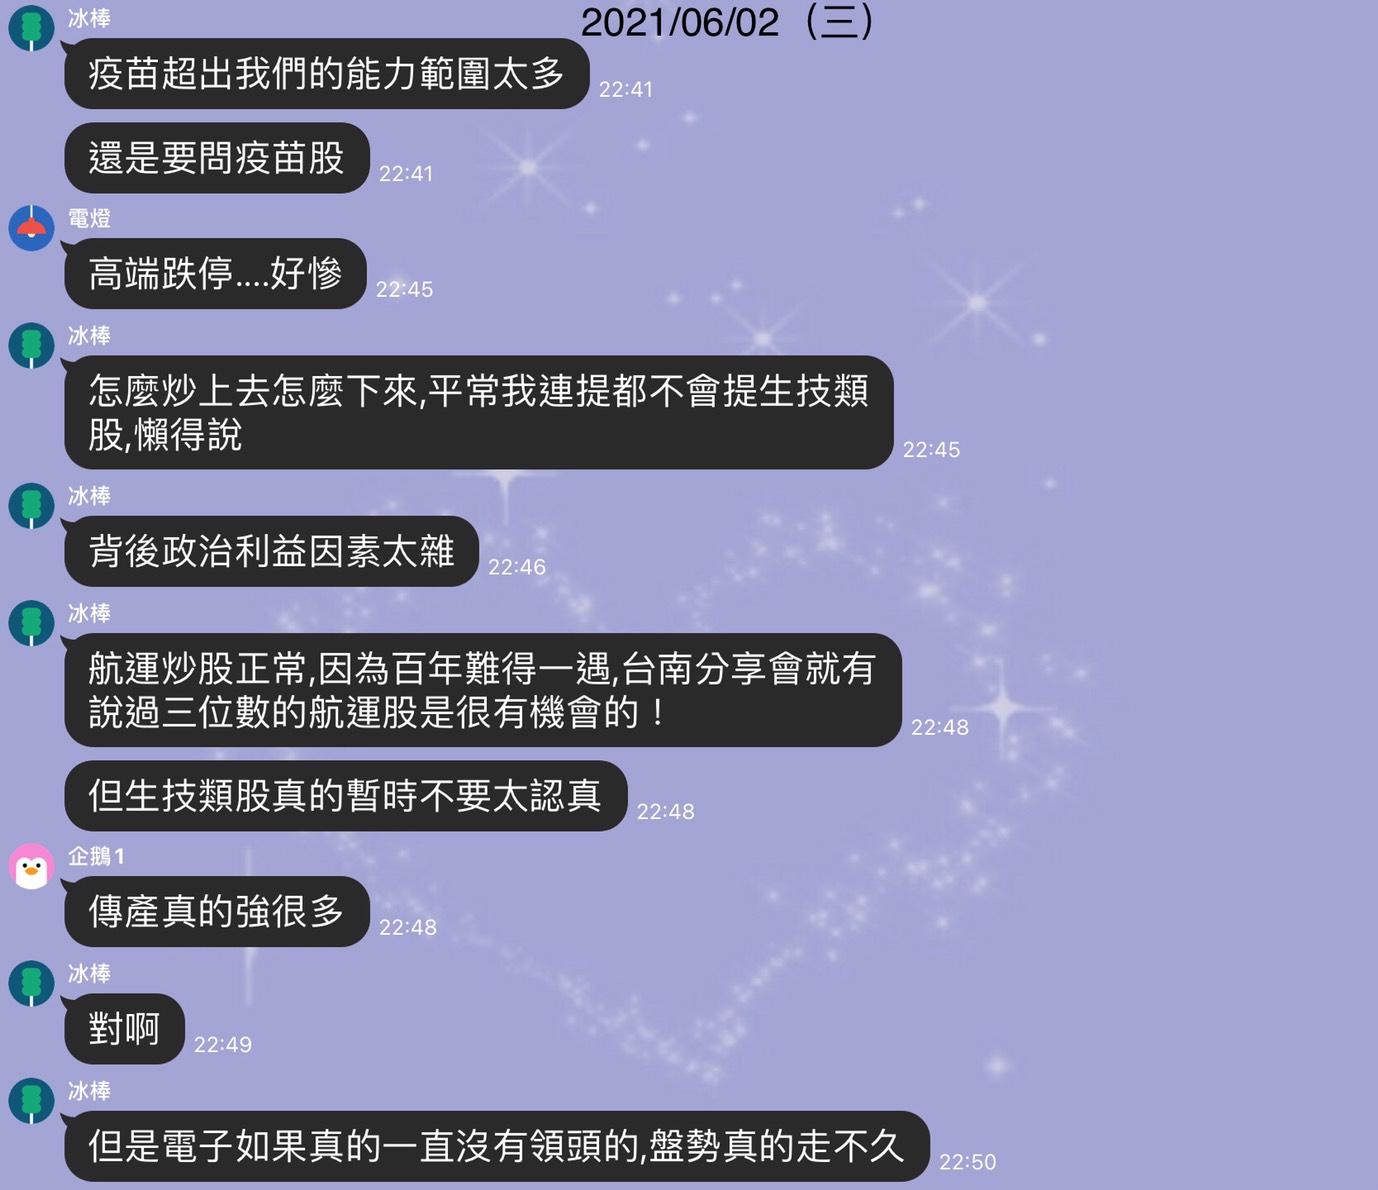 2021/06/07 豪爺週報-台股觀盤重點